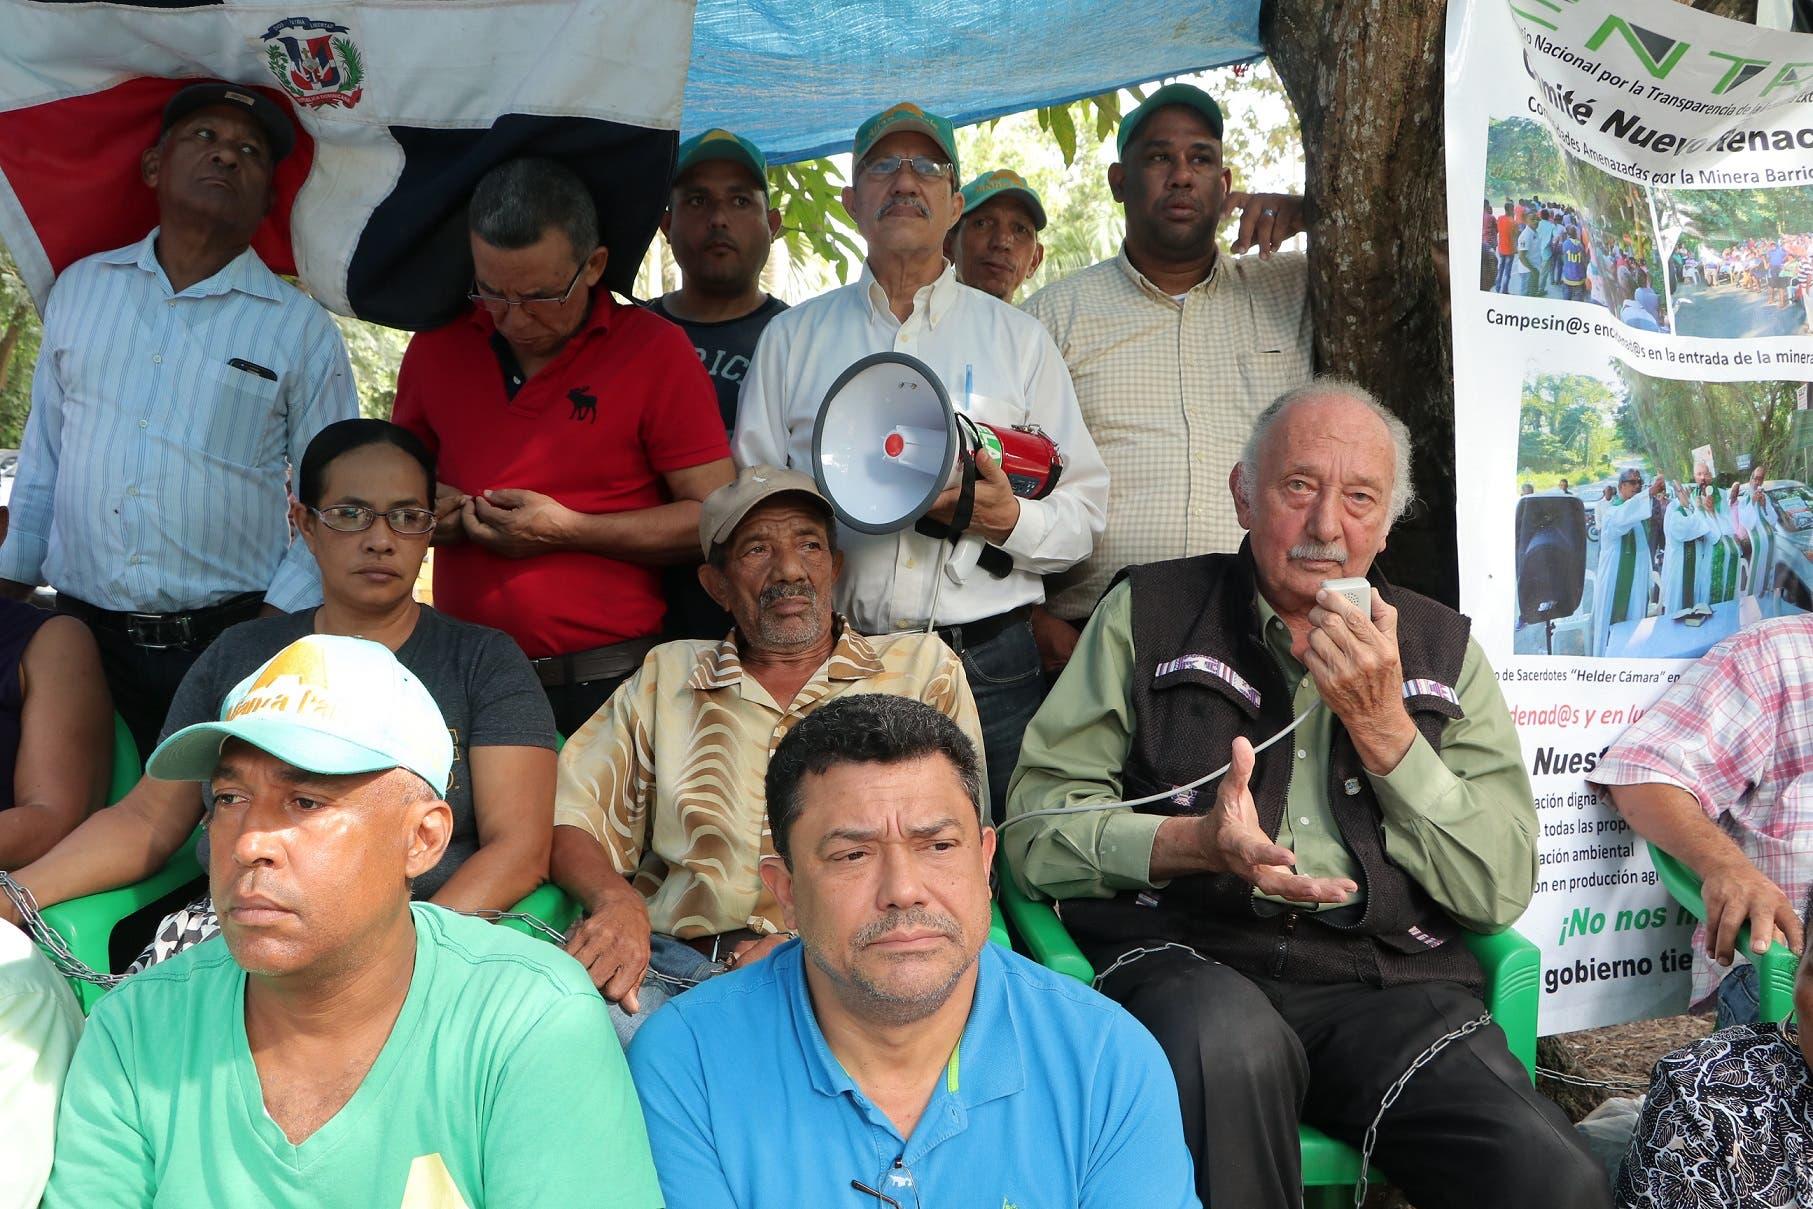 Fidelio Despradel y otros aliancistas visitan a encadenados frente a la Barrick.